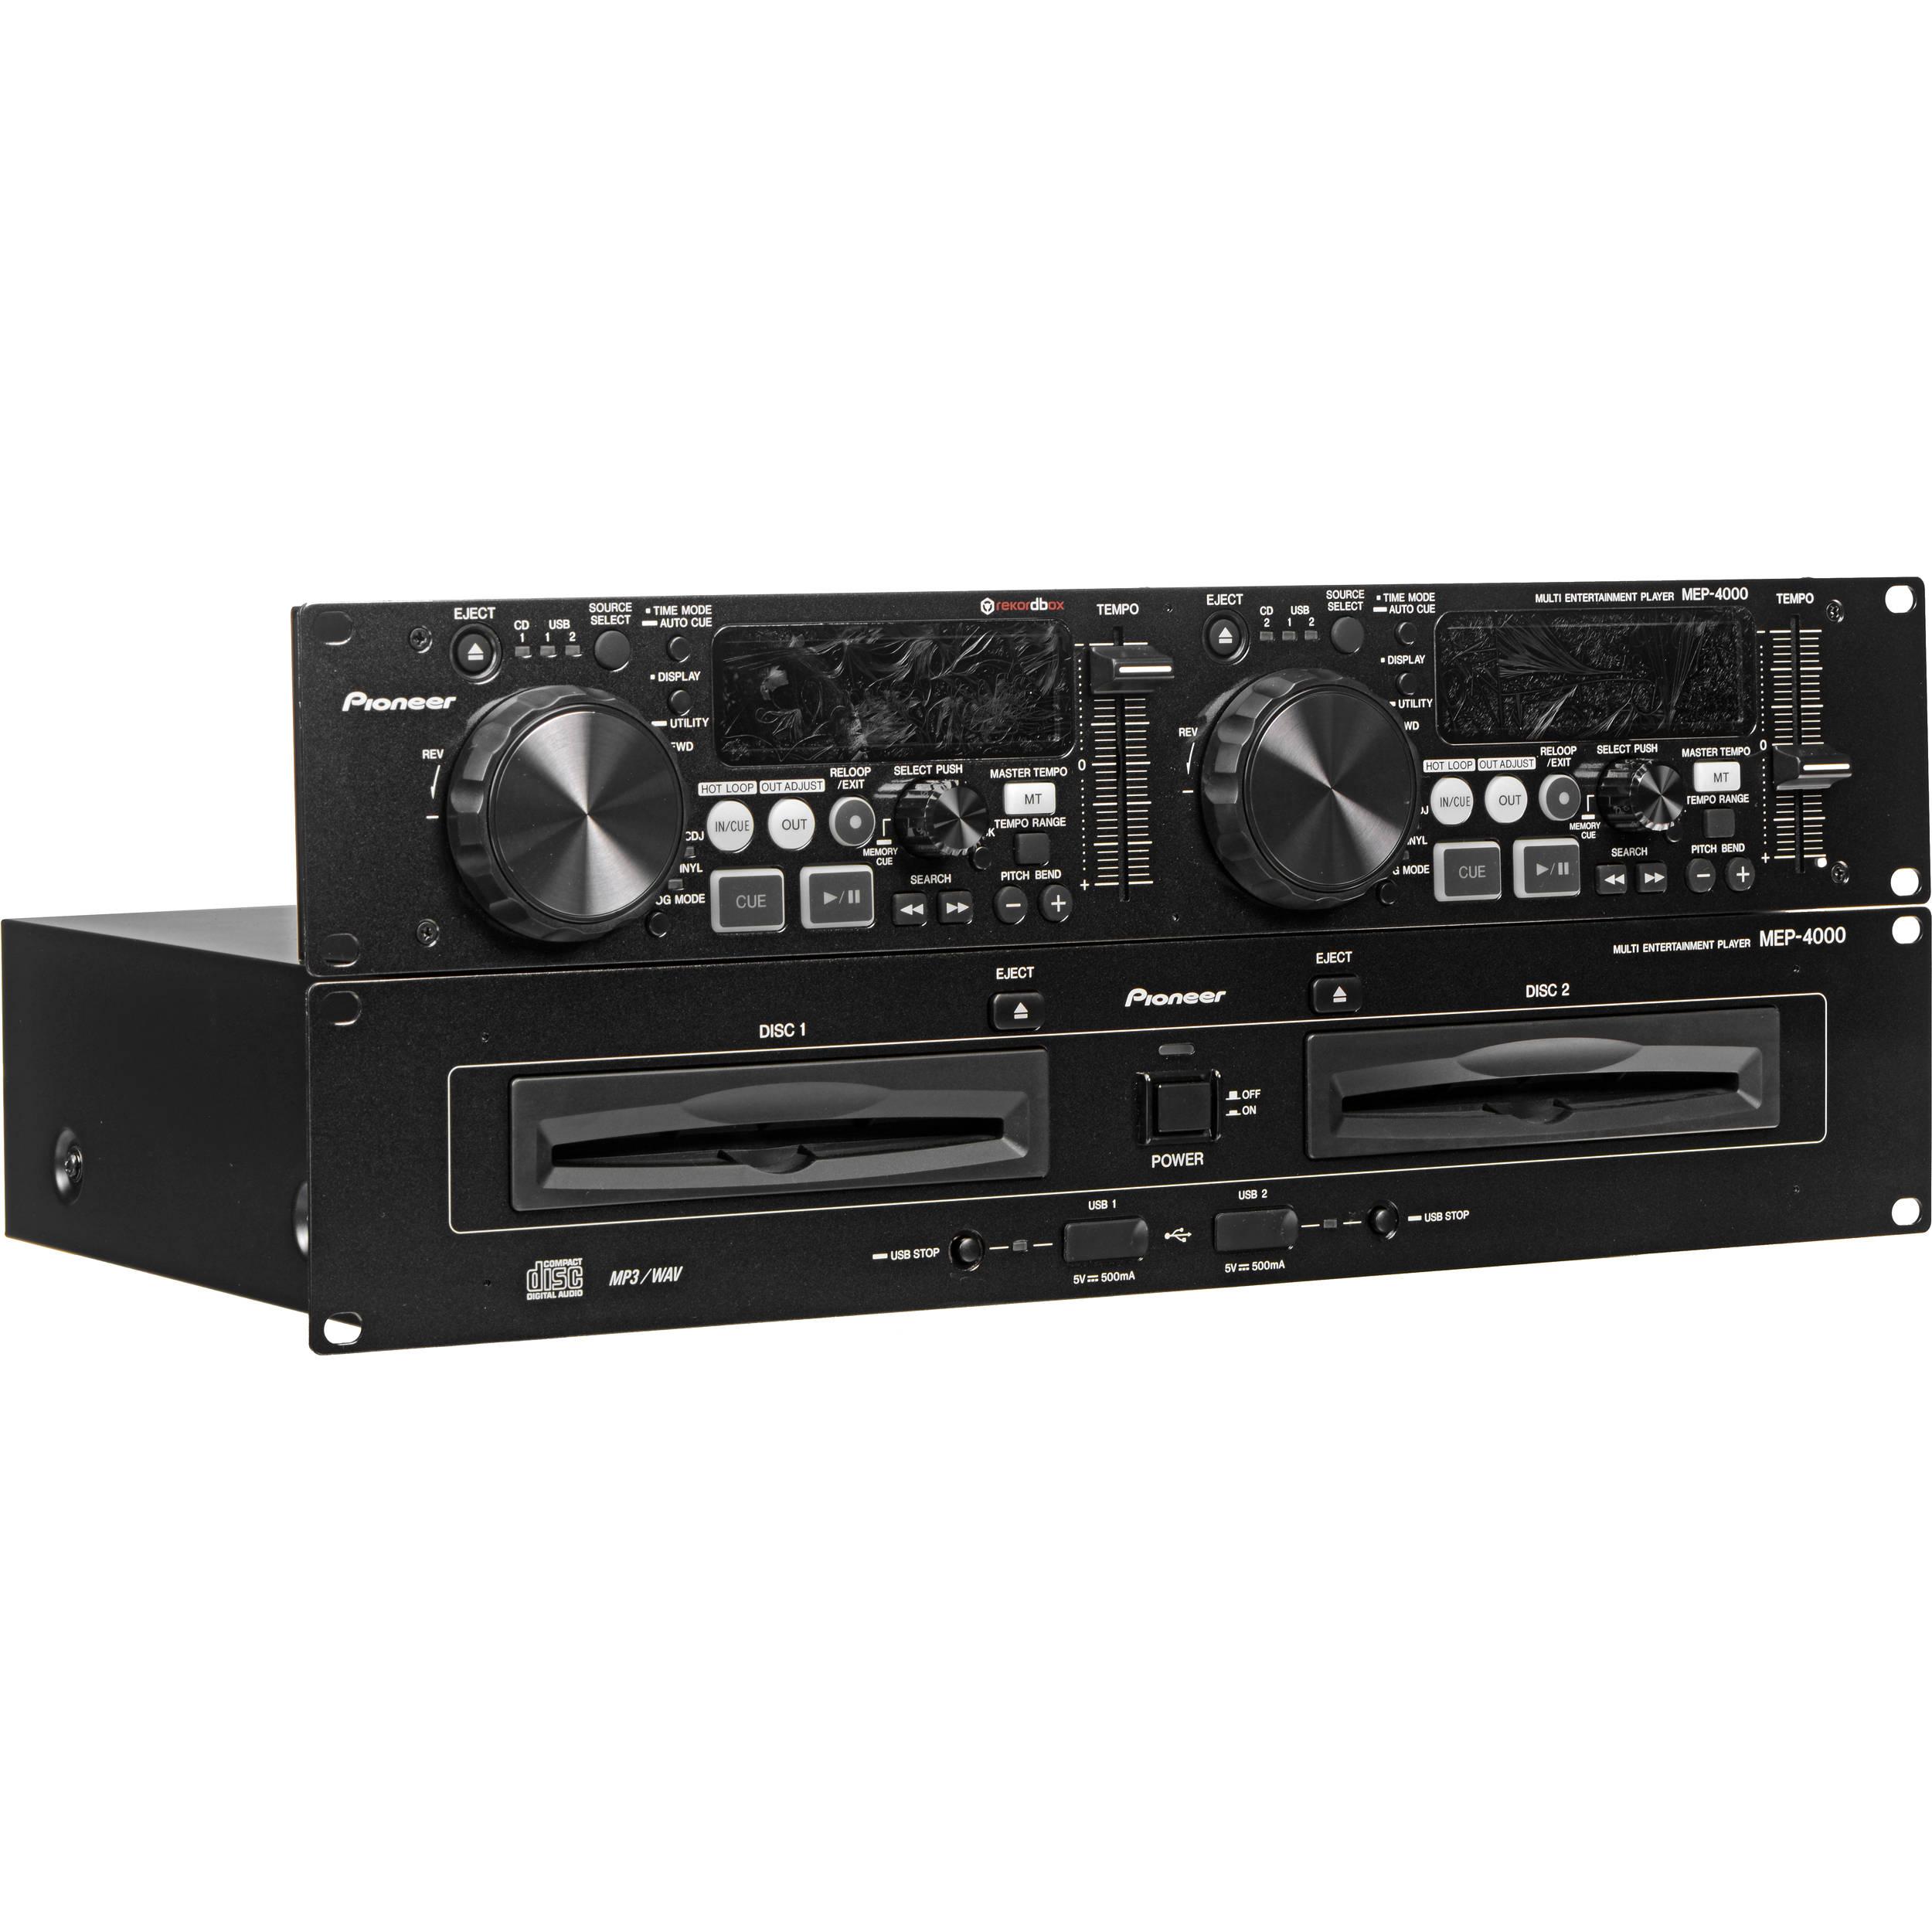 pioneer dj mep 4000 dual media cd player rekordbox mep4000 b h. Black Bedroom Furniture Sets. Home Design Ideas